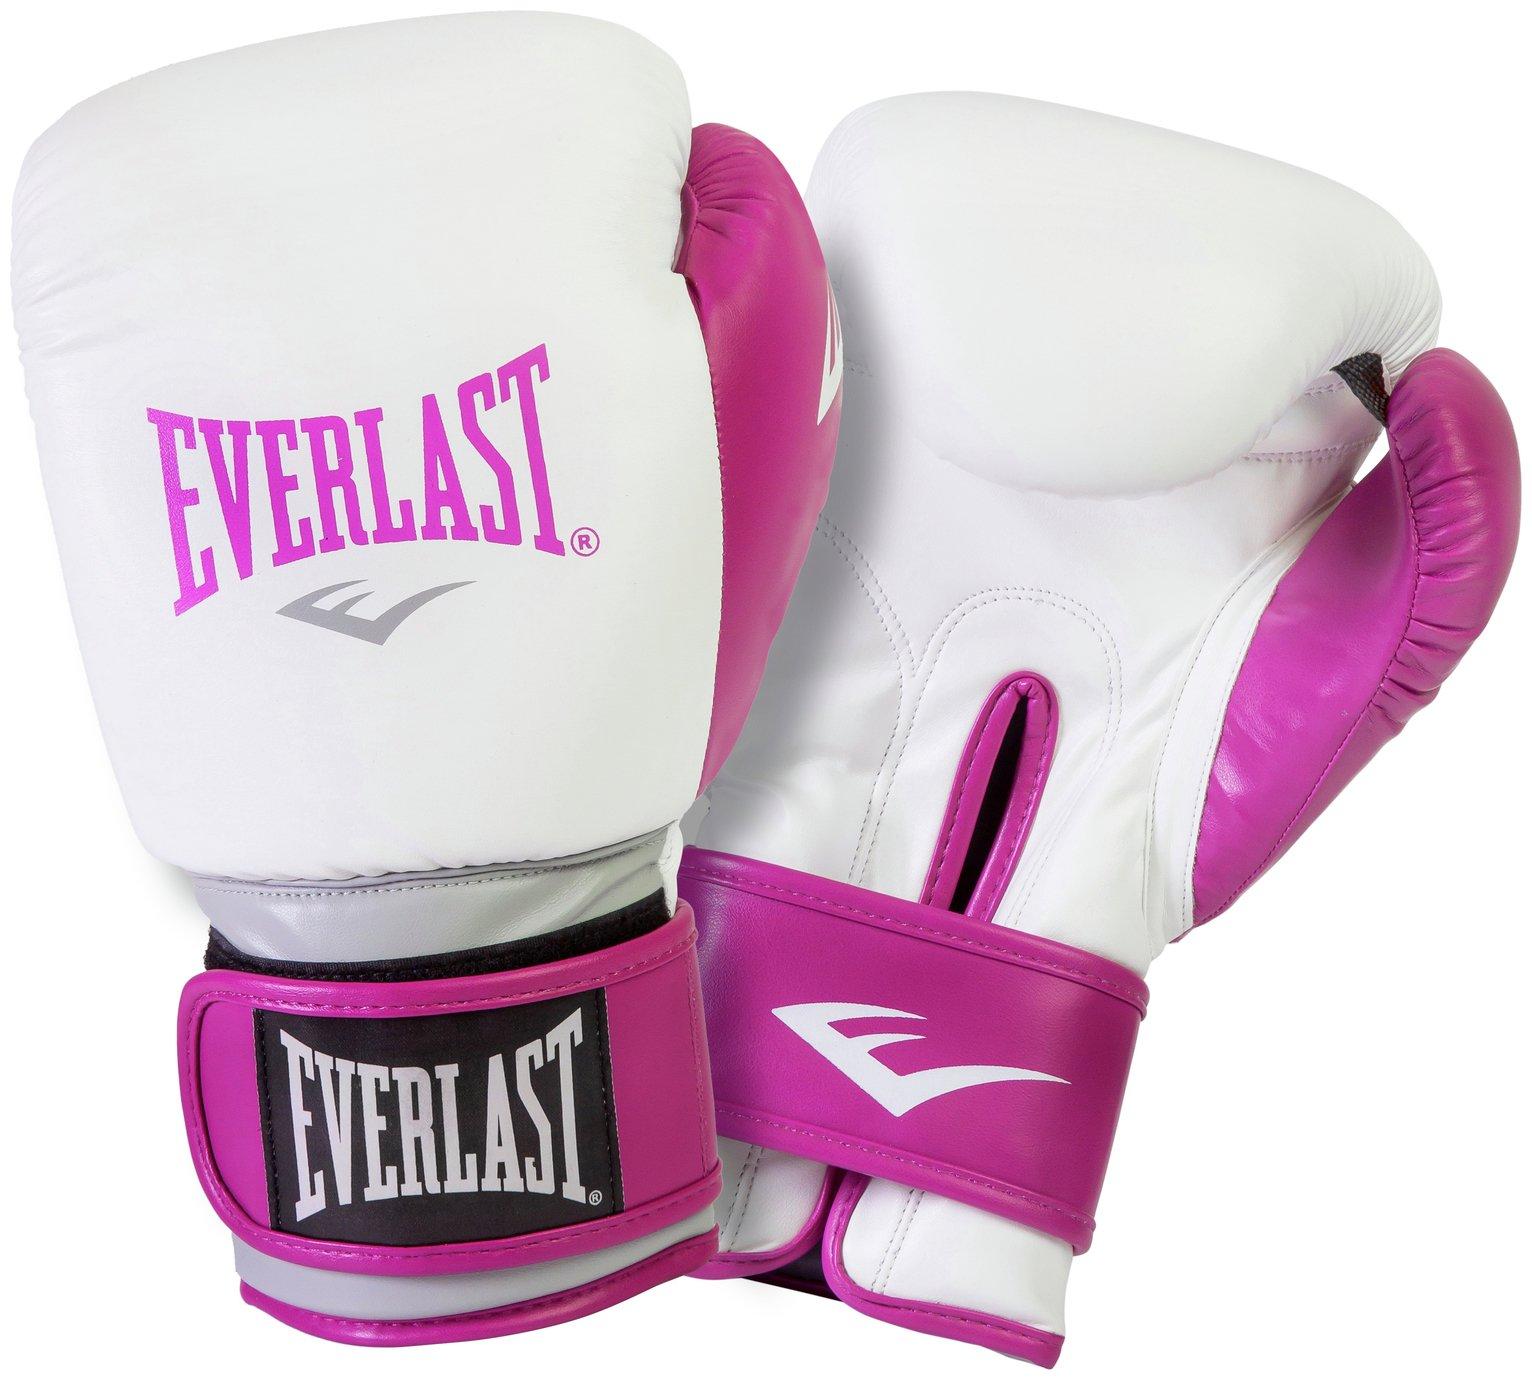 everlast-women-boxercise-set